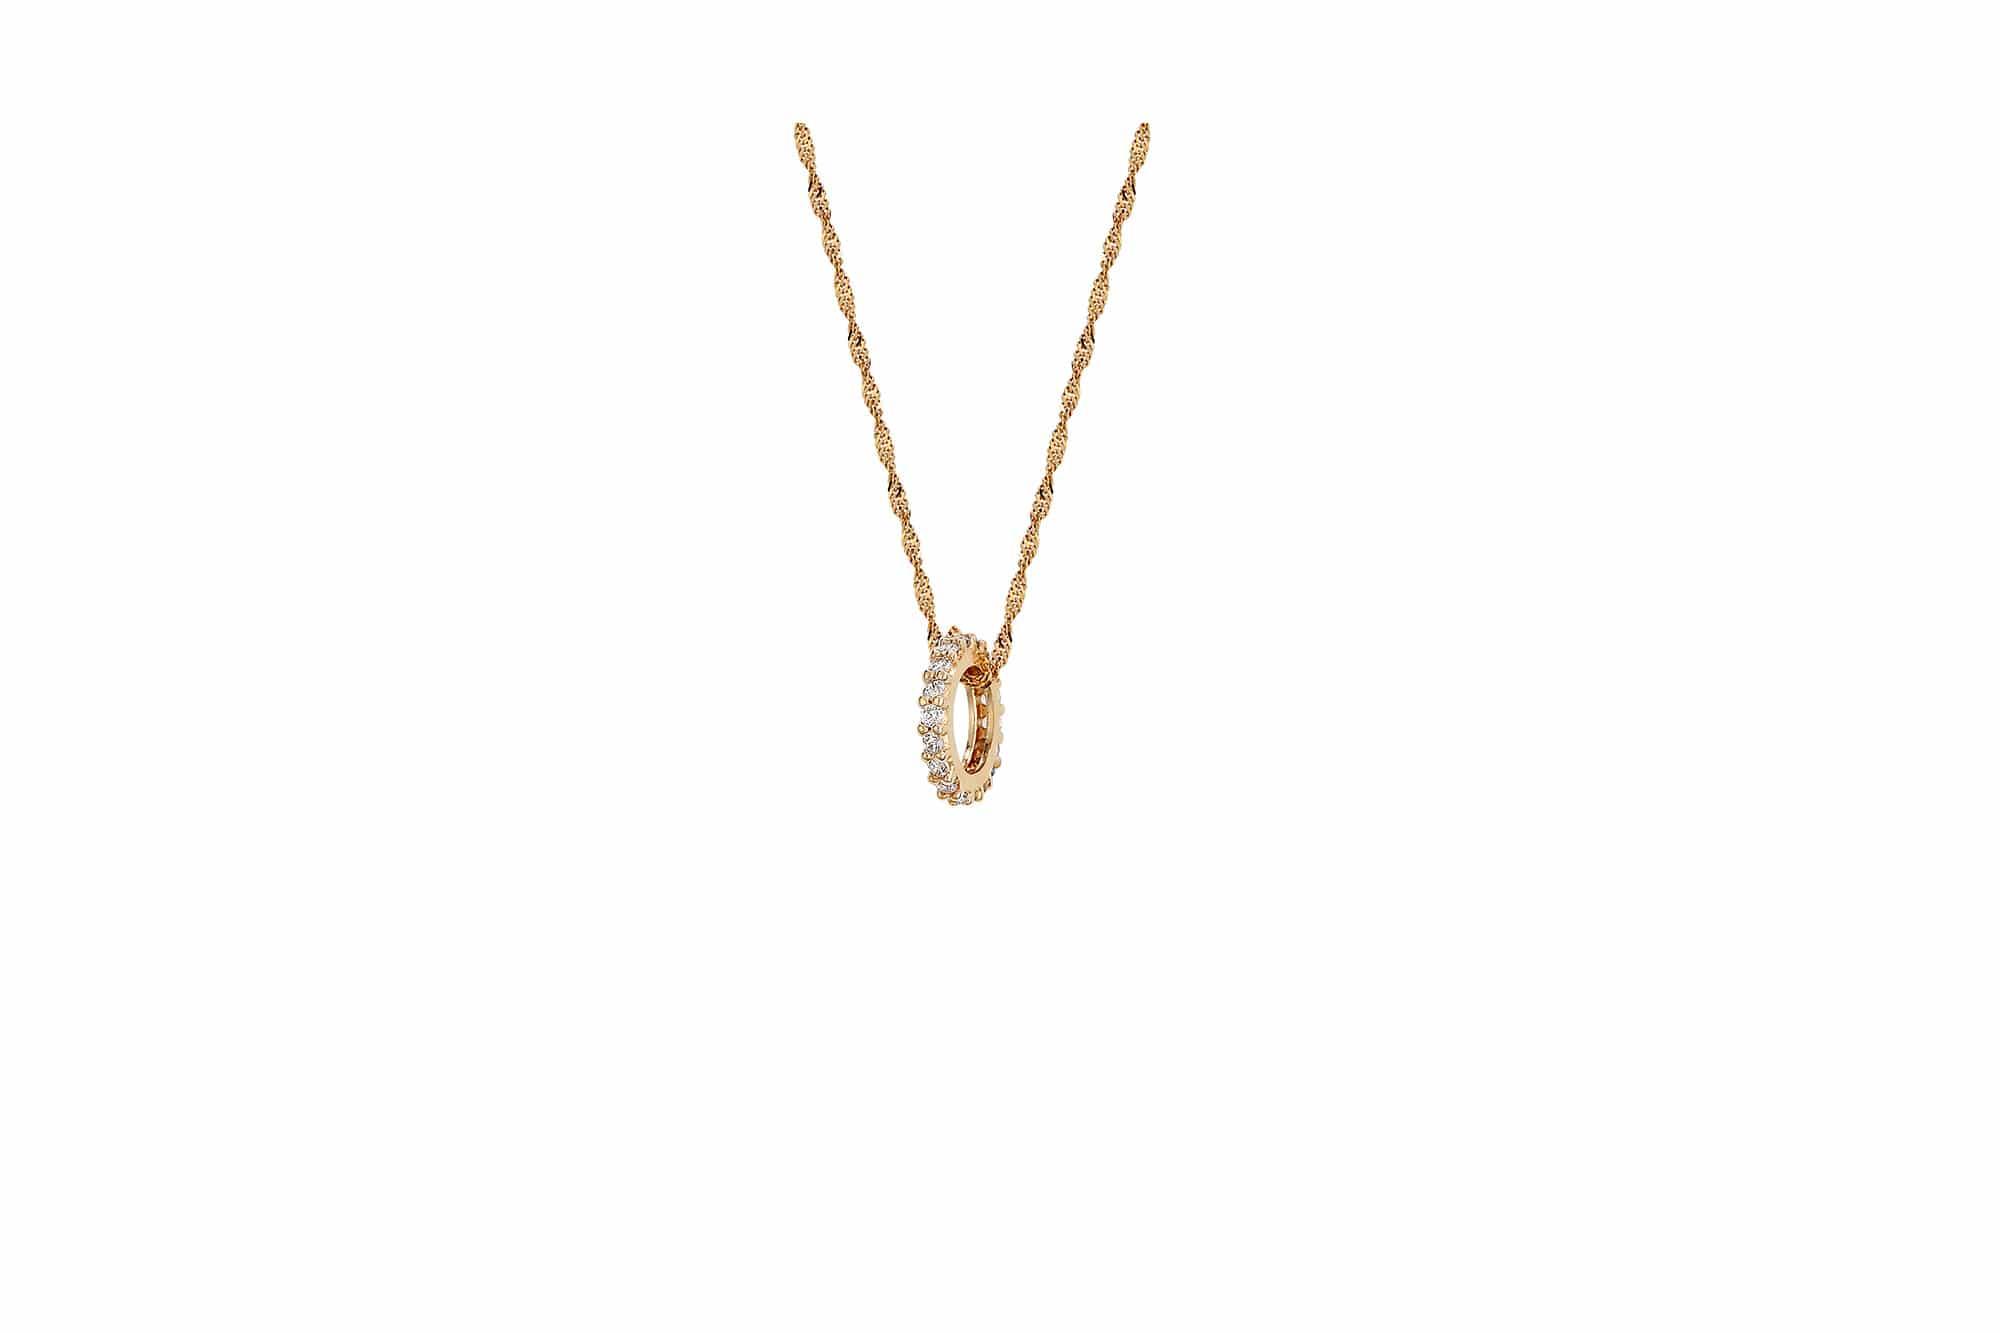 Μενταγιον Eternity Χρυσό Με Ζιργκόν – Jewelor 7979ba7c7e0